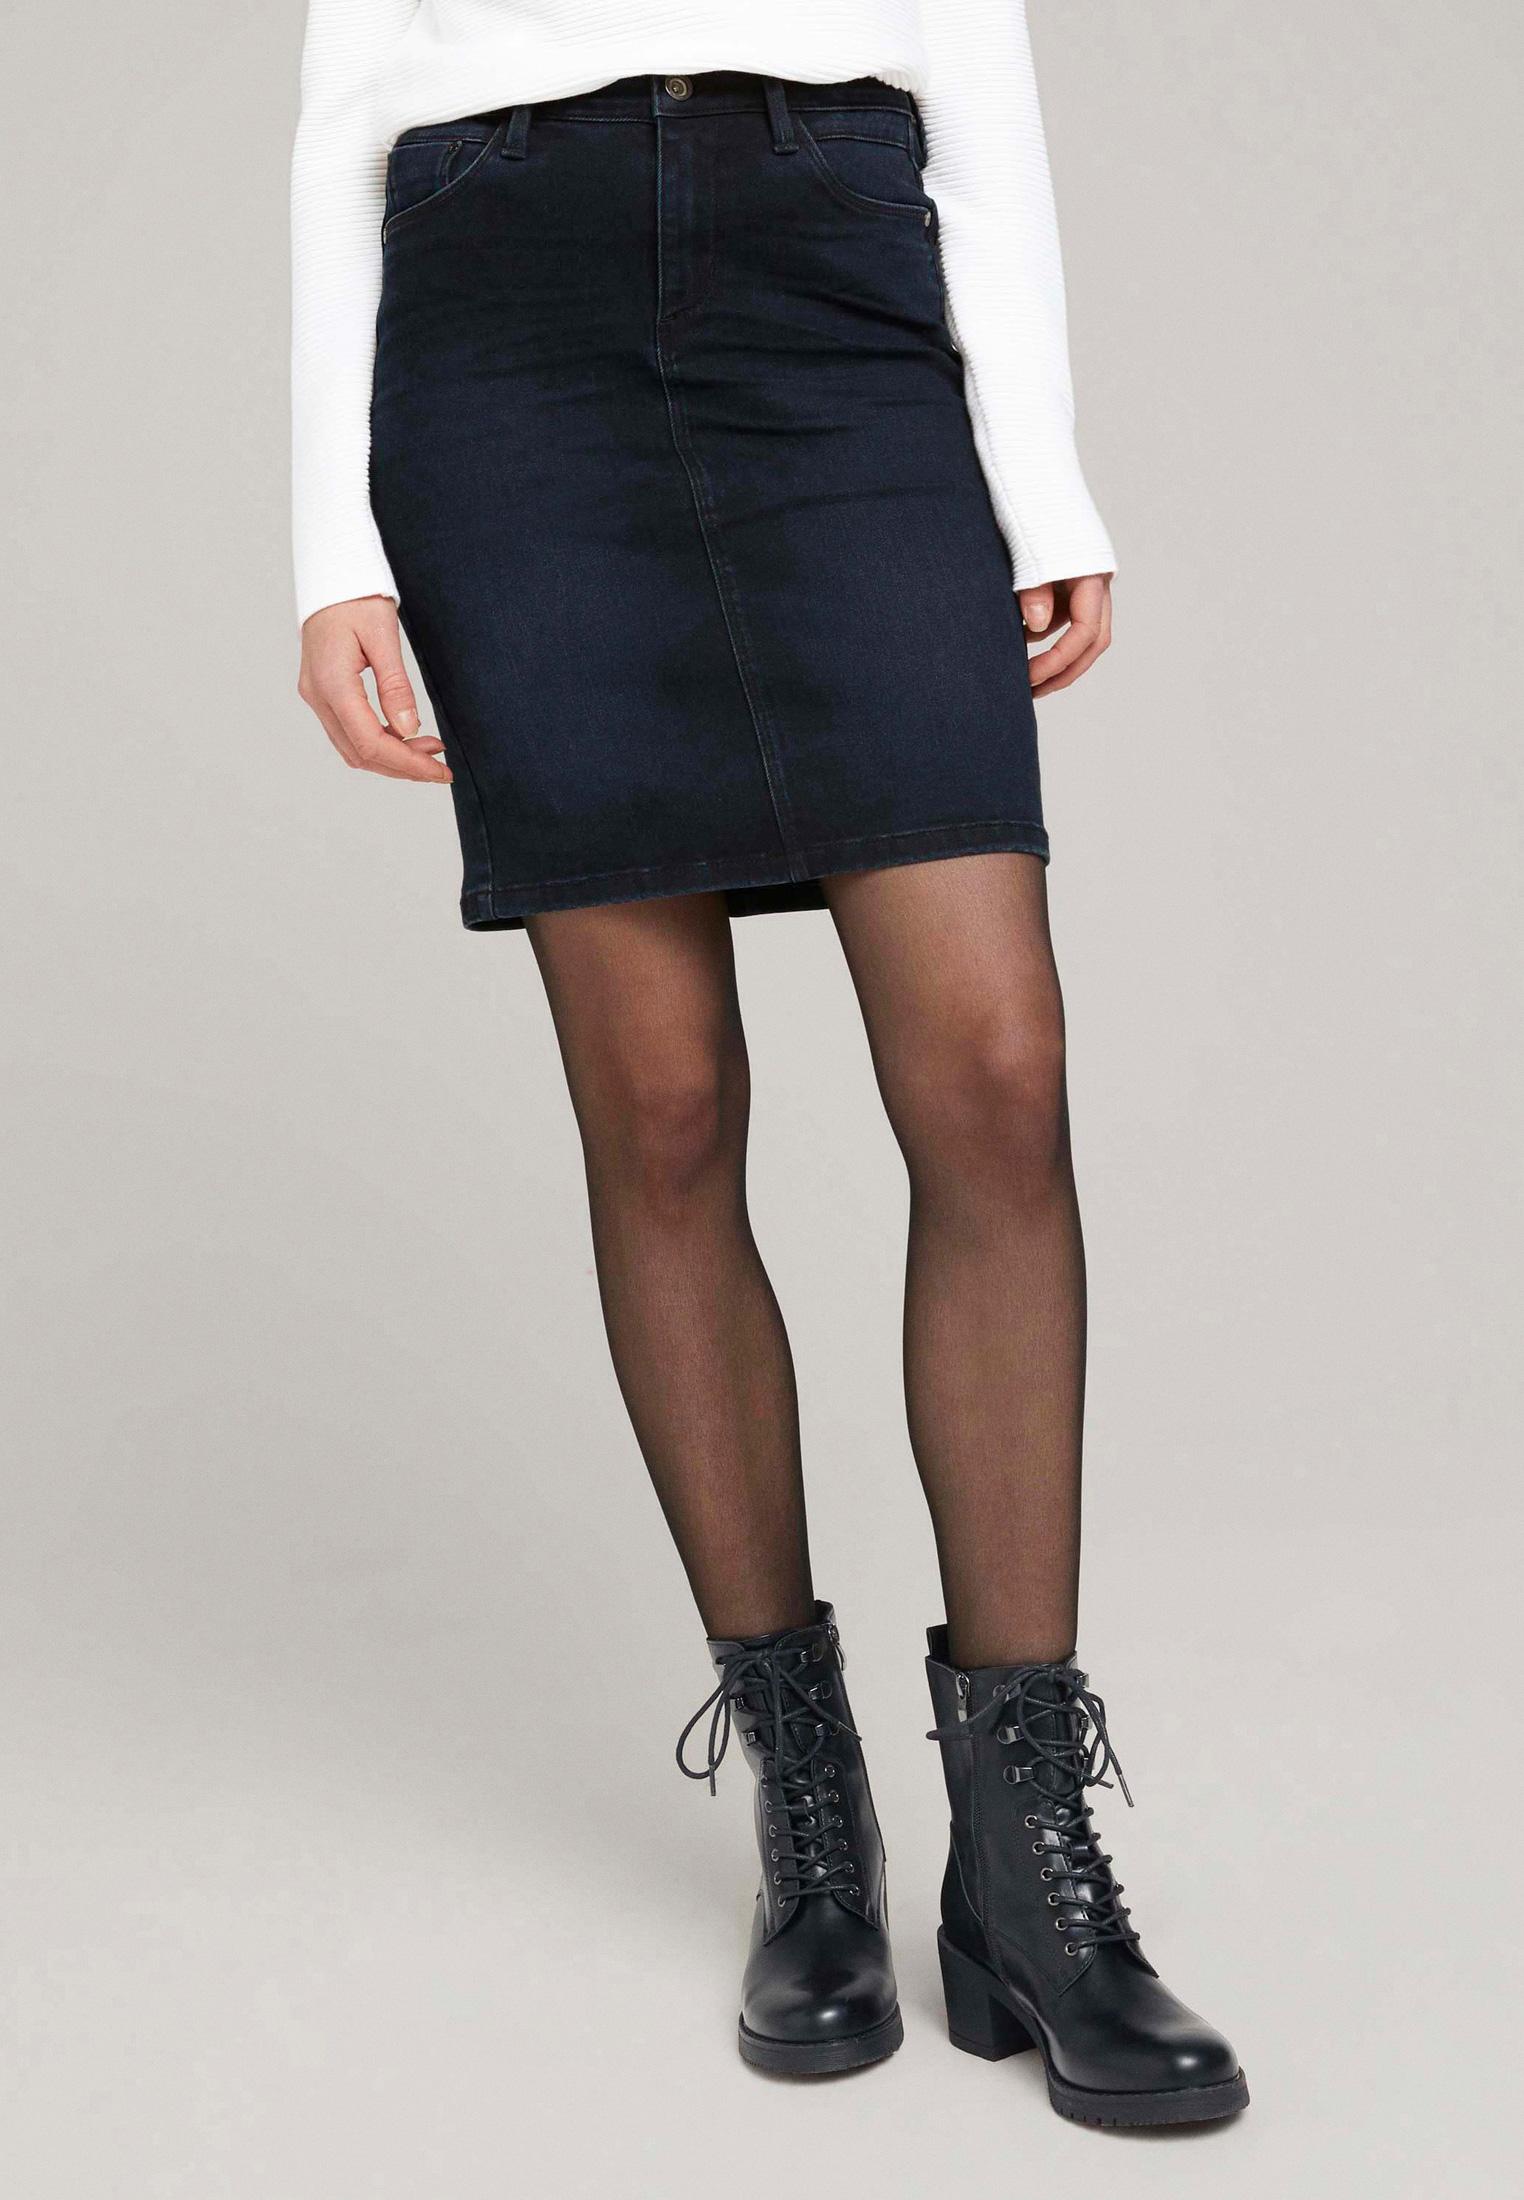 Джинсовая юбка Tom Tailor (Том Тейлор) Юбка джинсовая Tom Tailor